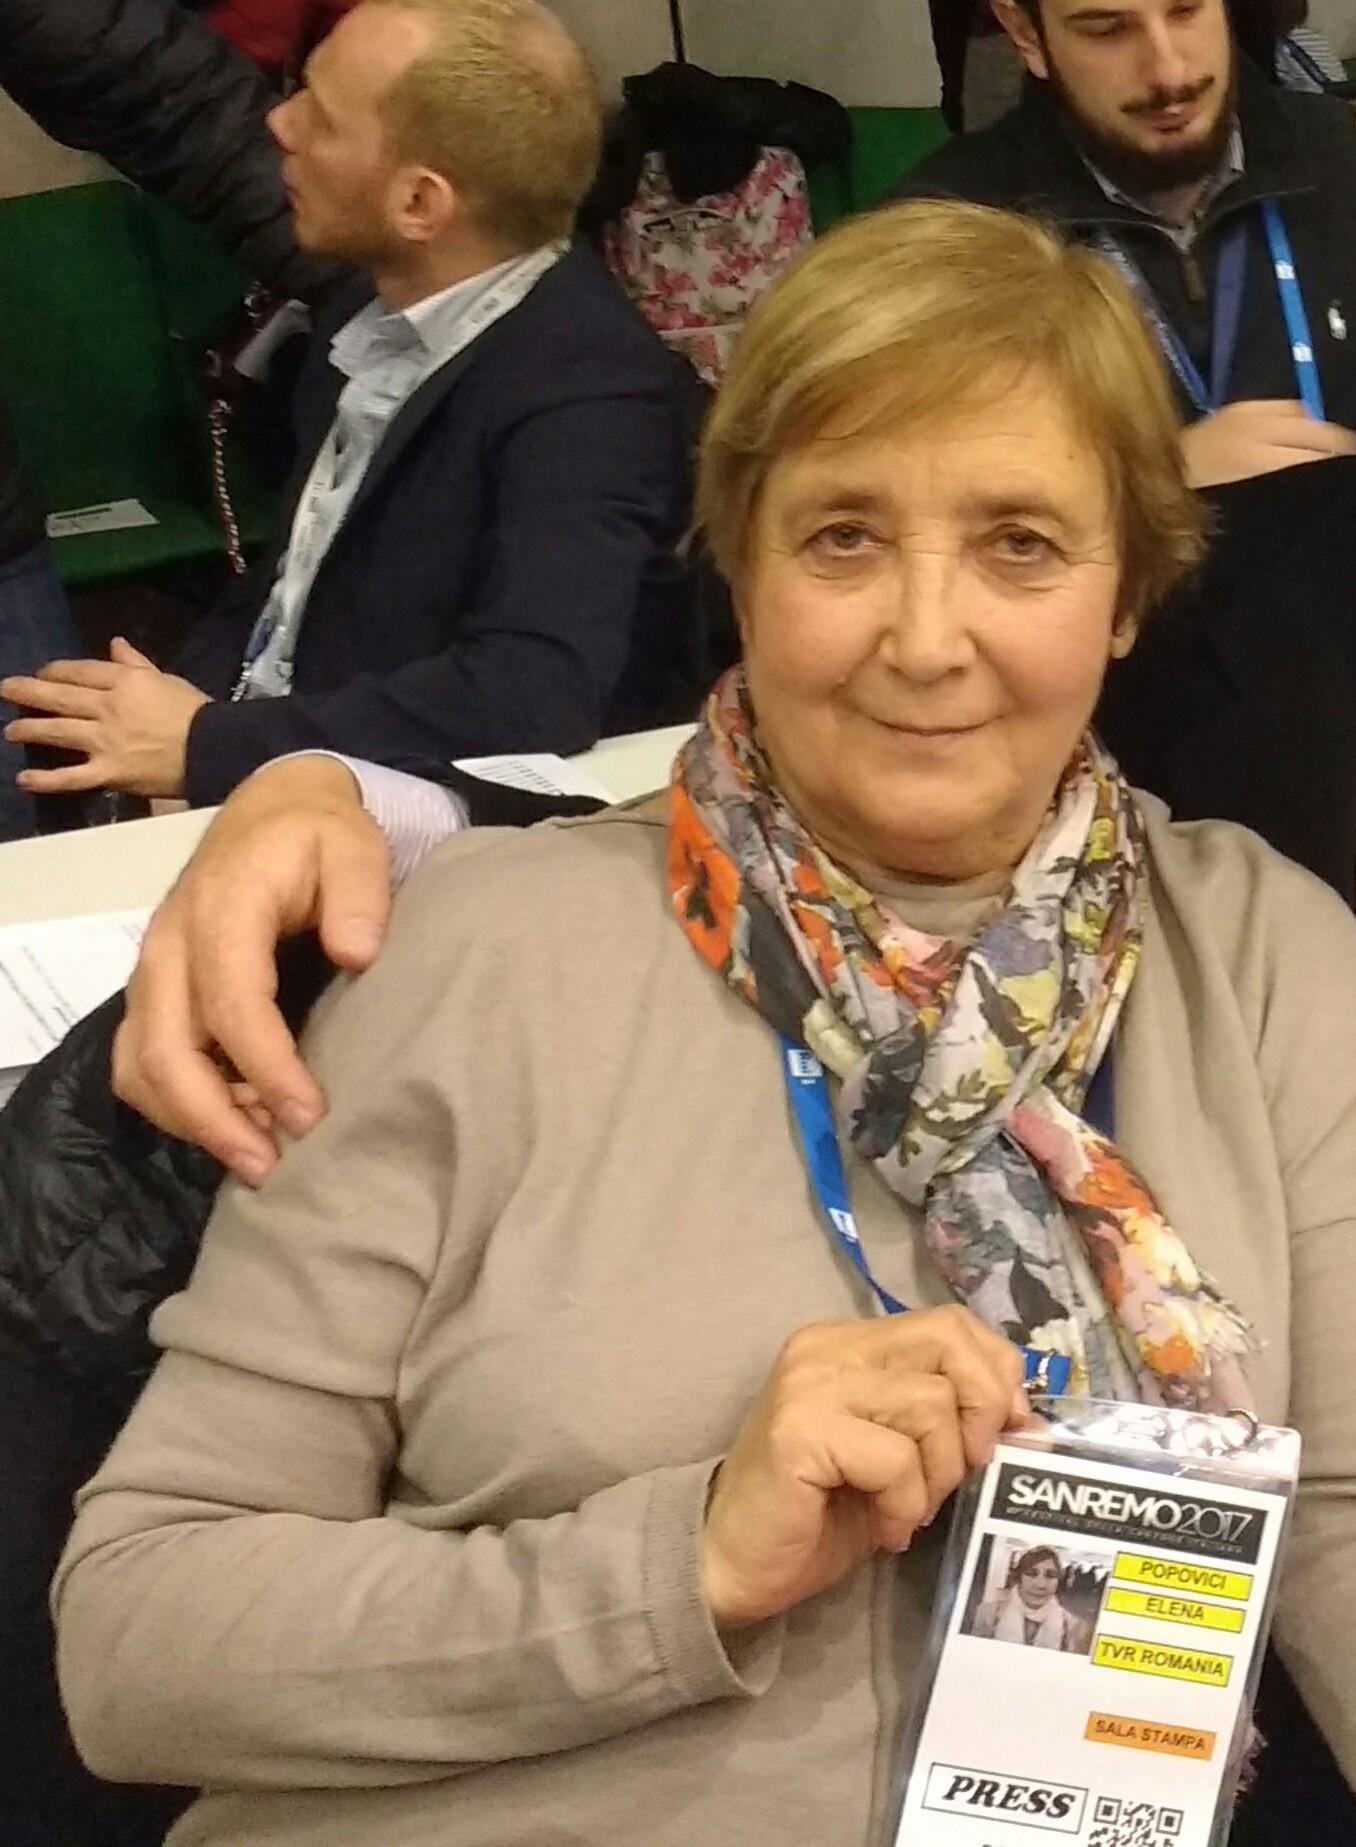 Ileana Popovici a Sanremo, storie musicali di uomini e di mondi